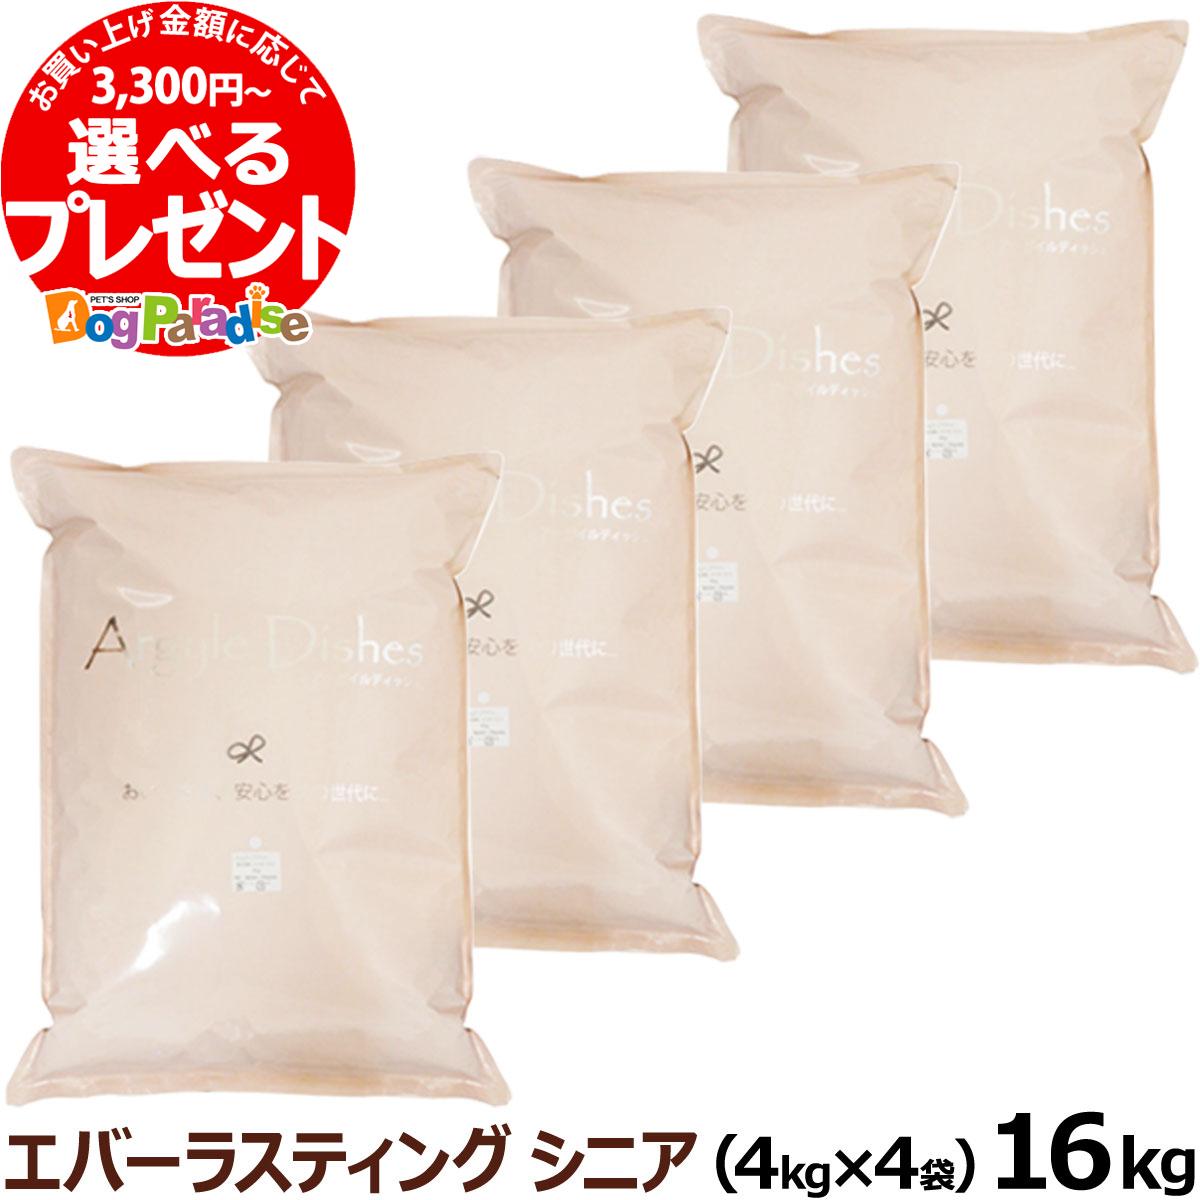 アーガイルディッシュ ドッグフード エバーラスティングシニア 16kg(4kg×4) [オーガニック認定]